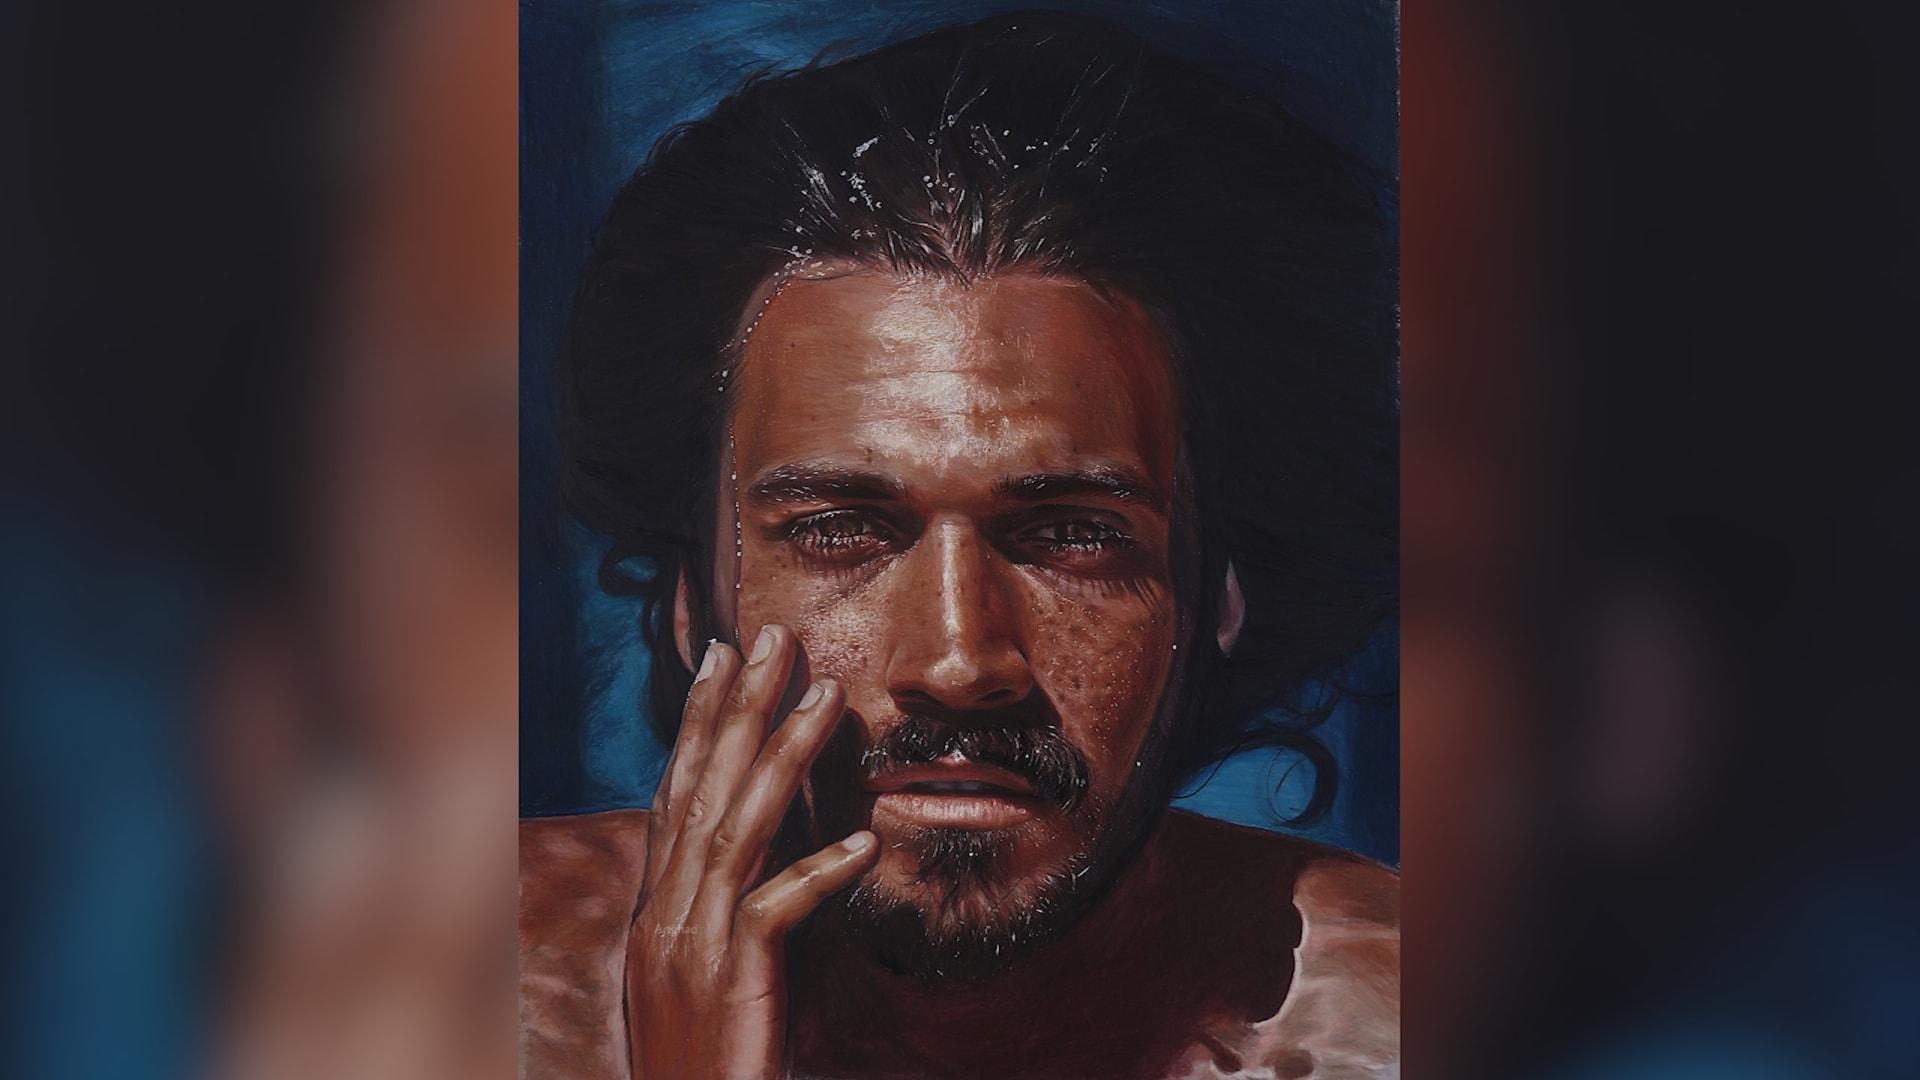 حقيقية أم رسوم.. فنانة سعودية تعيد الحياة لتفاصيل الوجوه التي ترسمها